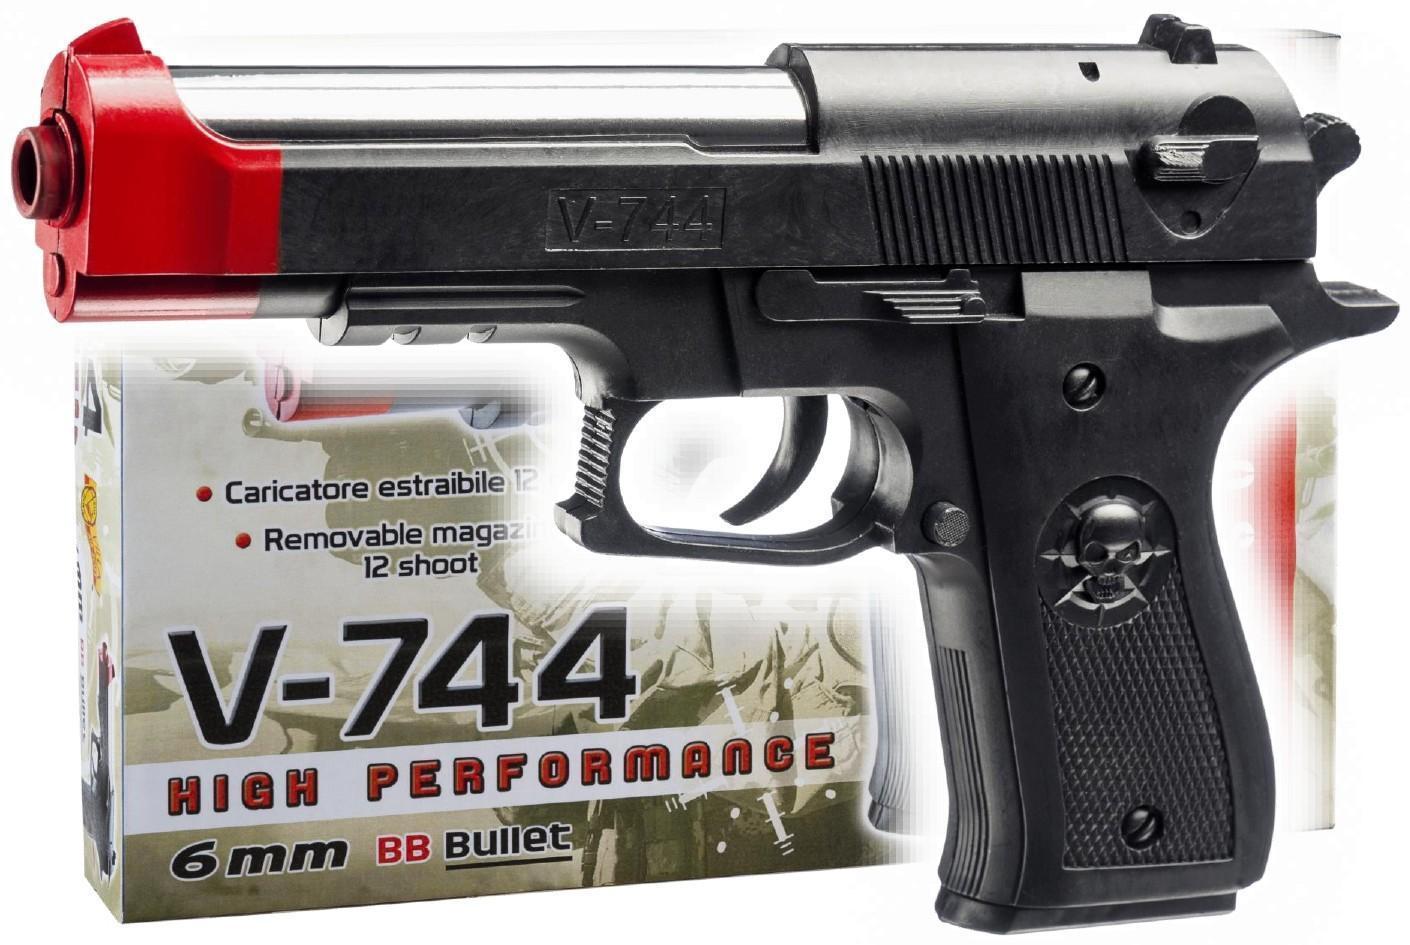 villa giocattoli villa giocattoli air soft pistola v-744 cal. 6 mm